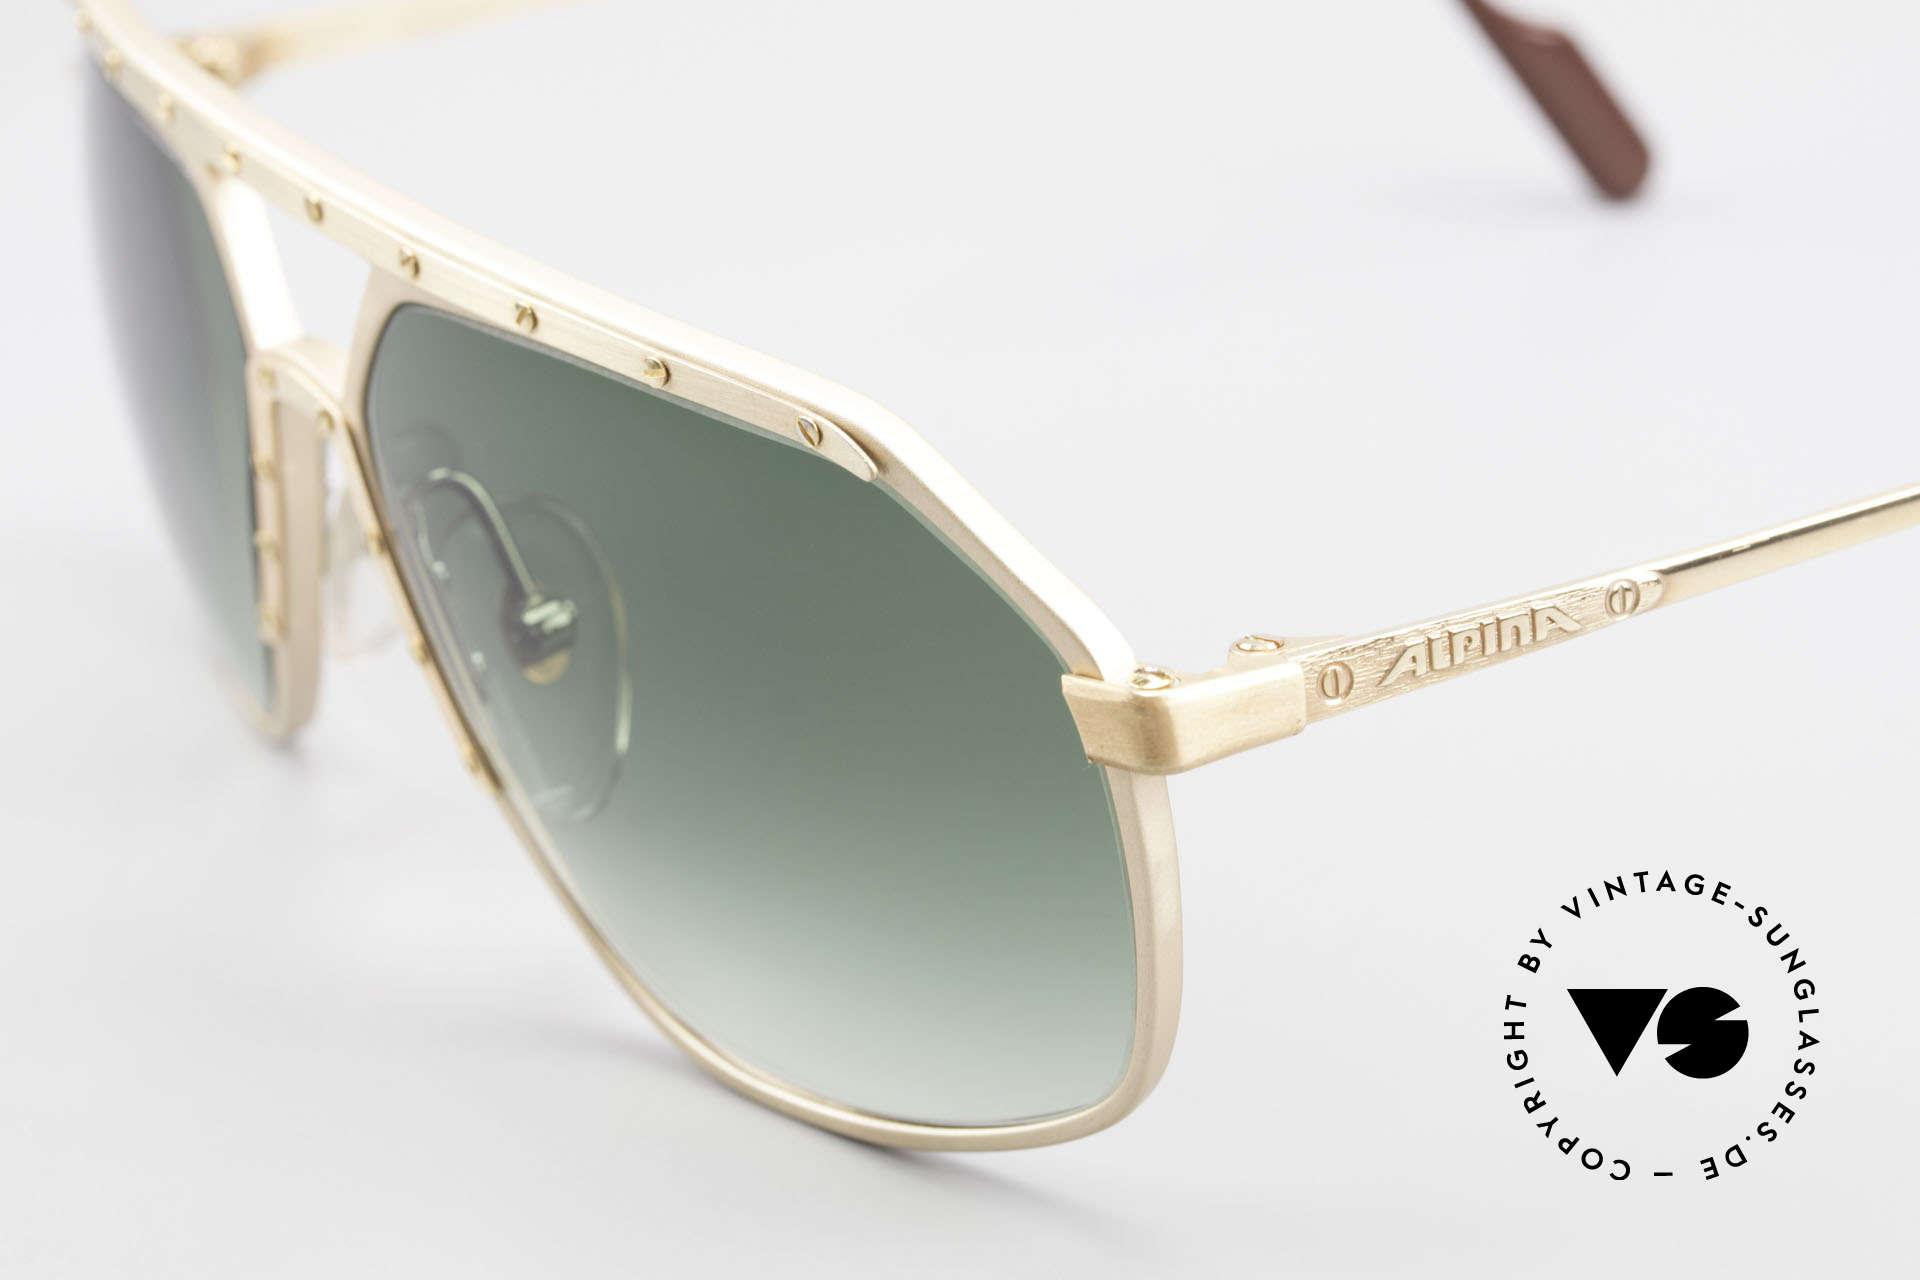 Alpina M6 Legendäre 80er Sonnenbrille, handgefertigt; entsprechend kostbar und hochwertig, Passend für Herren